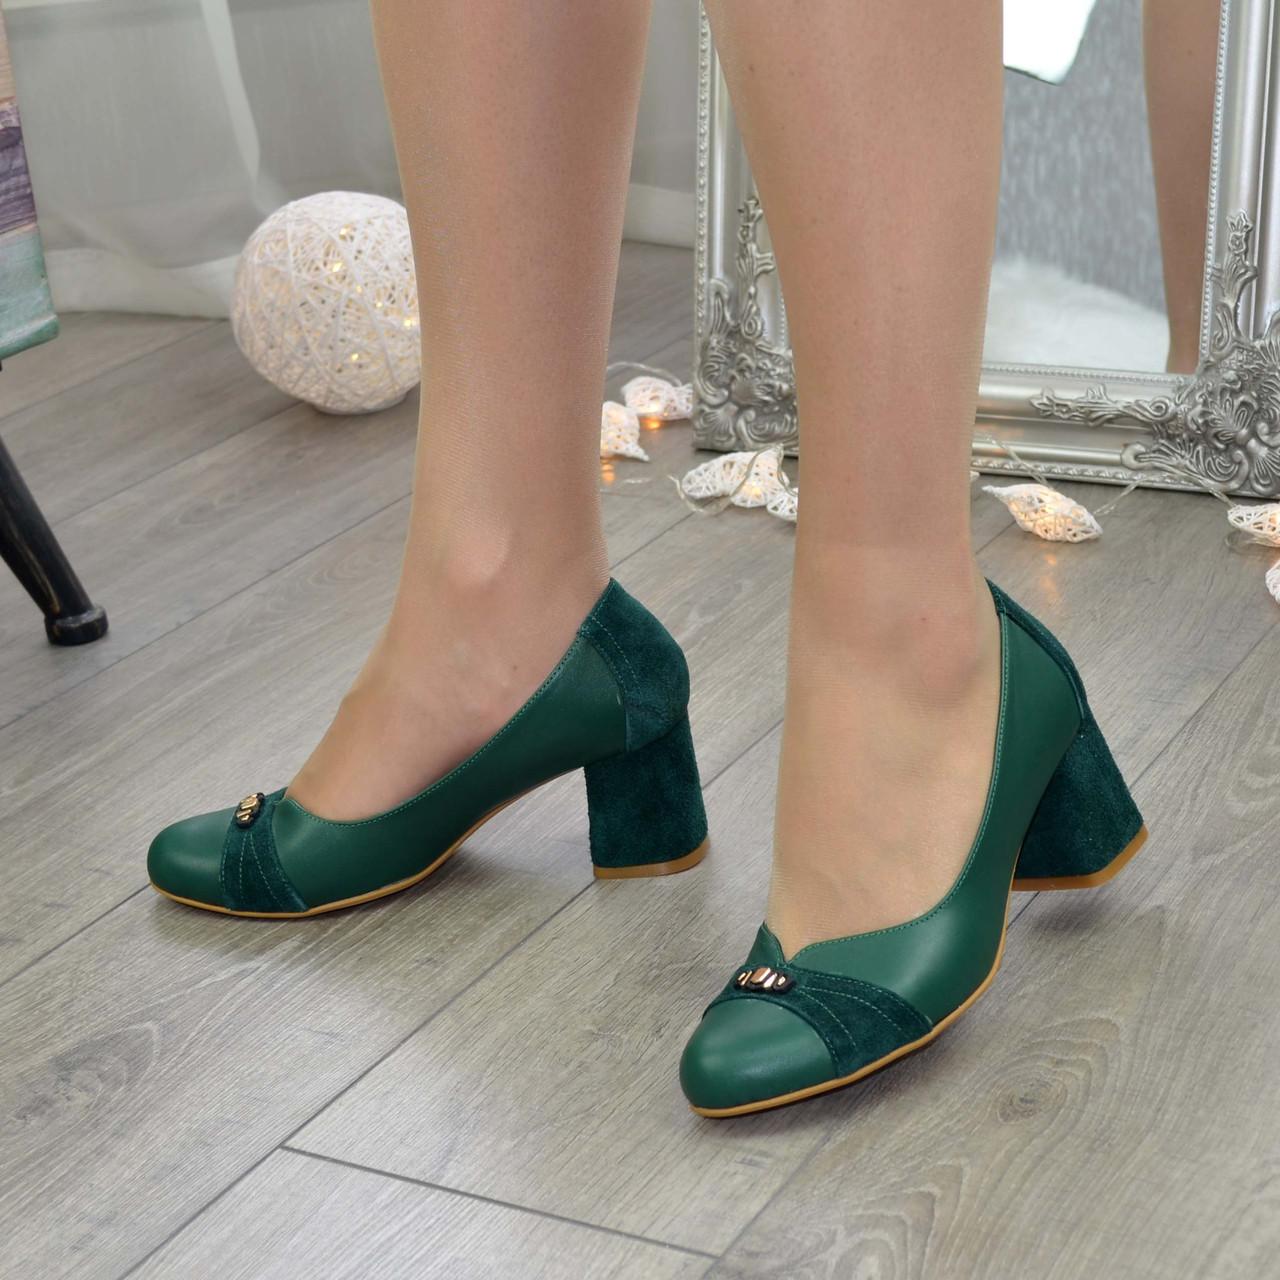 Туфли женские на невысоком устойчивом каблуке, натуральная кожа и замша зеленого цвета